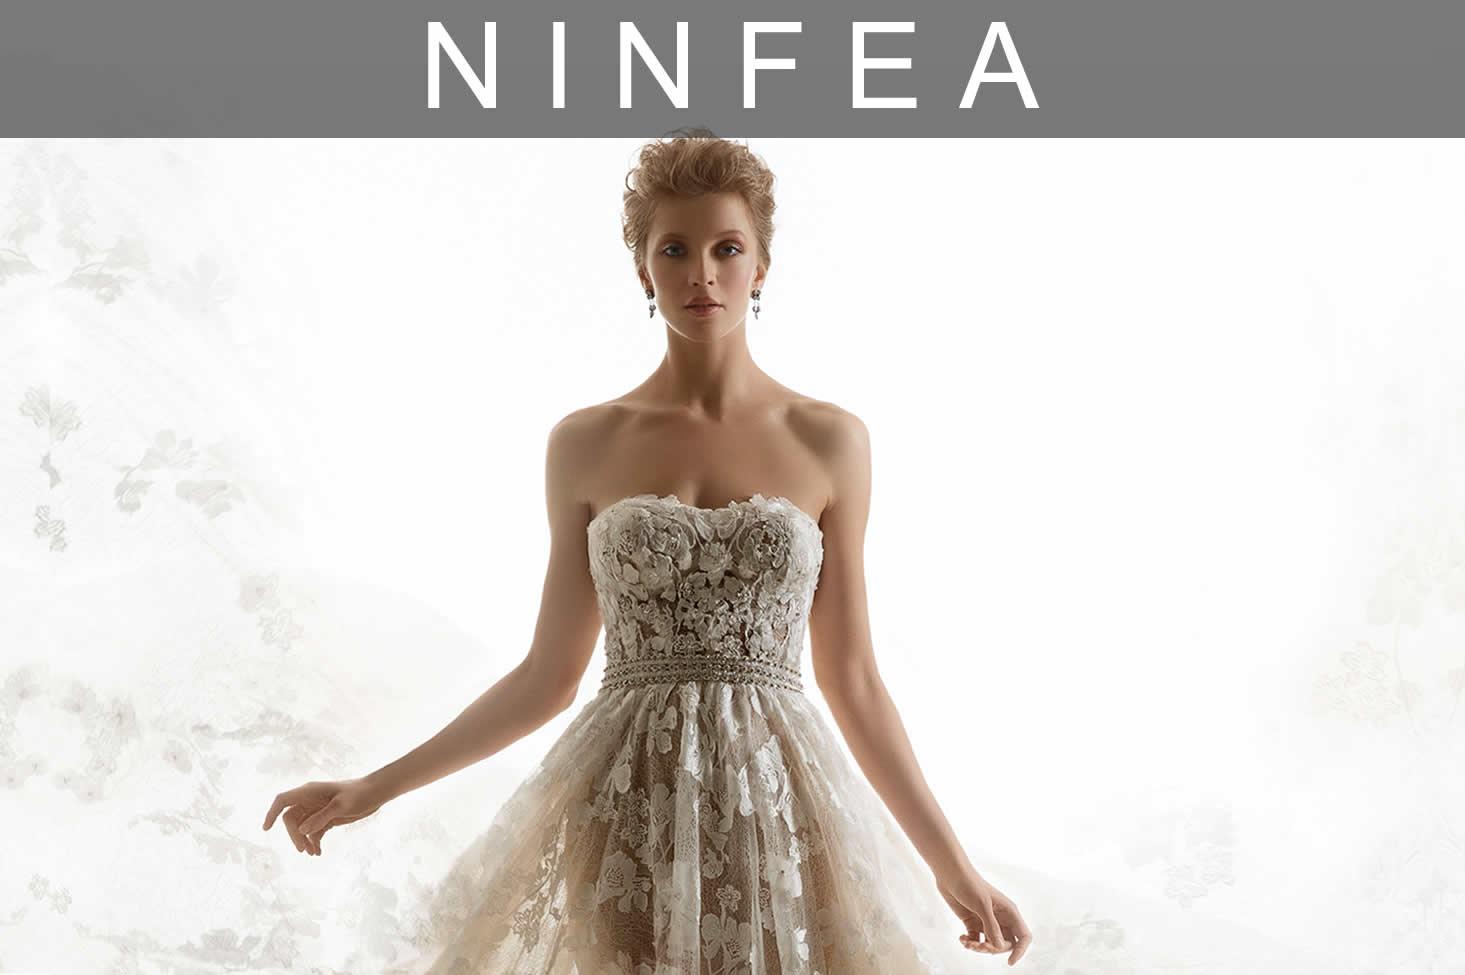 Ninfea abiti da sposa Jillian.jpg